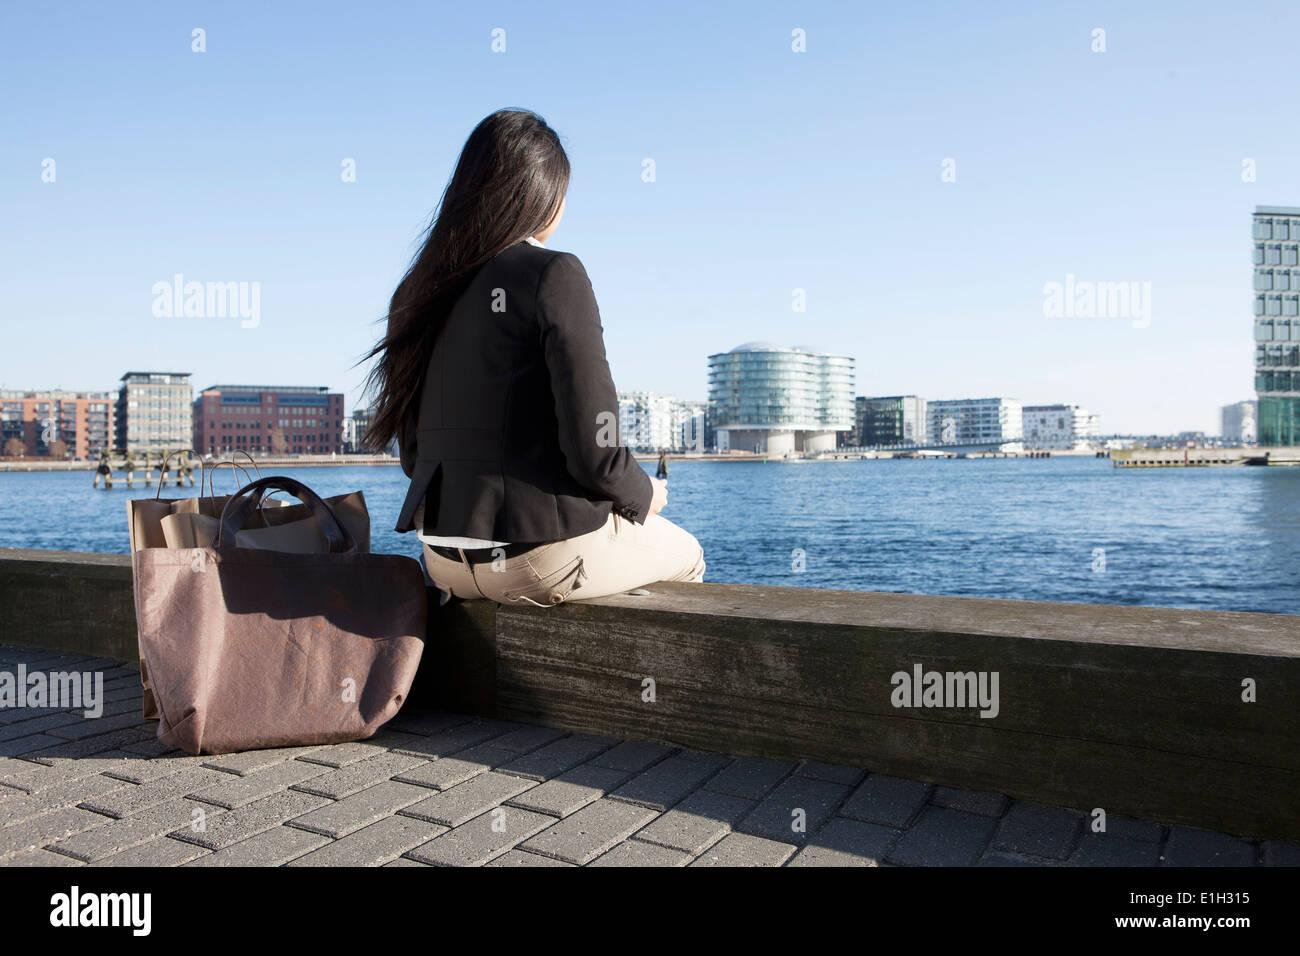 Business woman taking break by waterfront, Copenhagen, Denmark - Stock Image